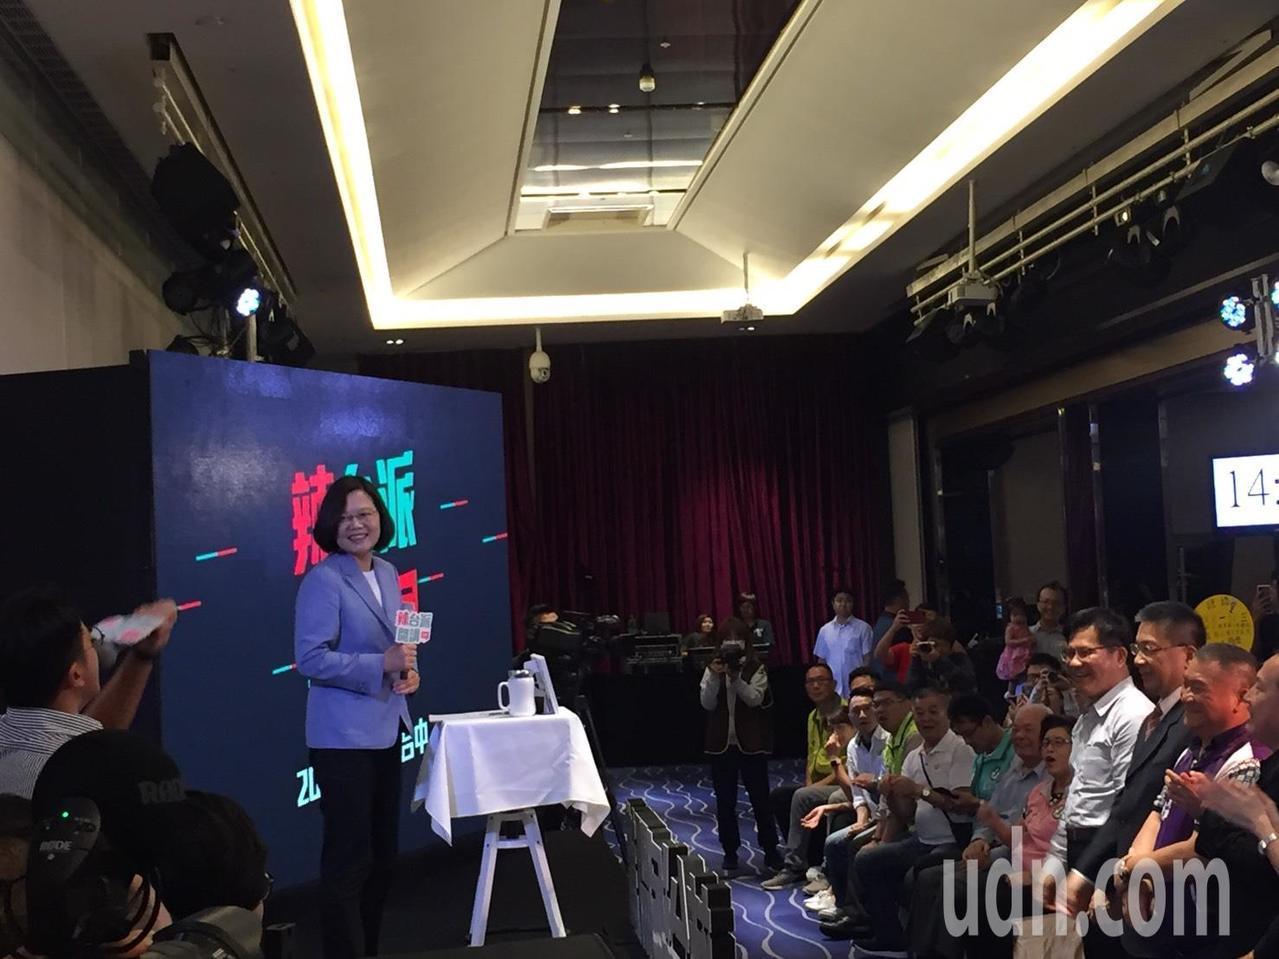 蔡英文總統今天下午在台中舉行「辣台派開講」,她秀出在哥大演講時背後的國旗照片,強...